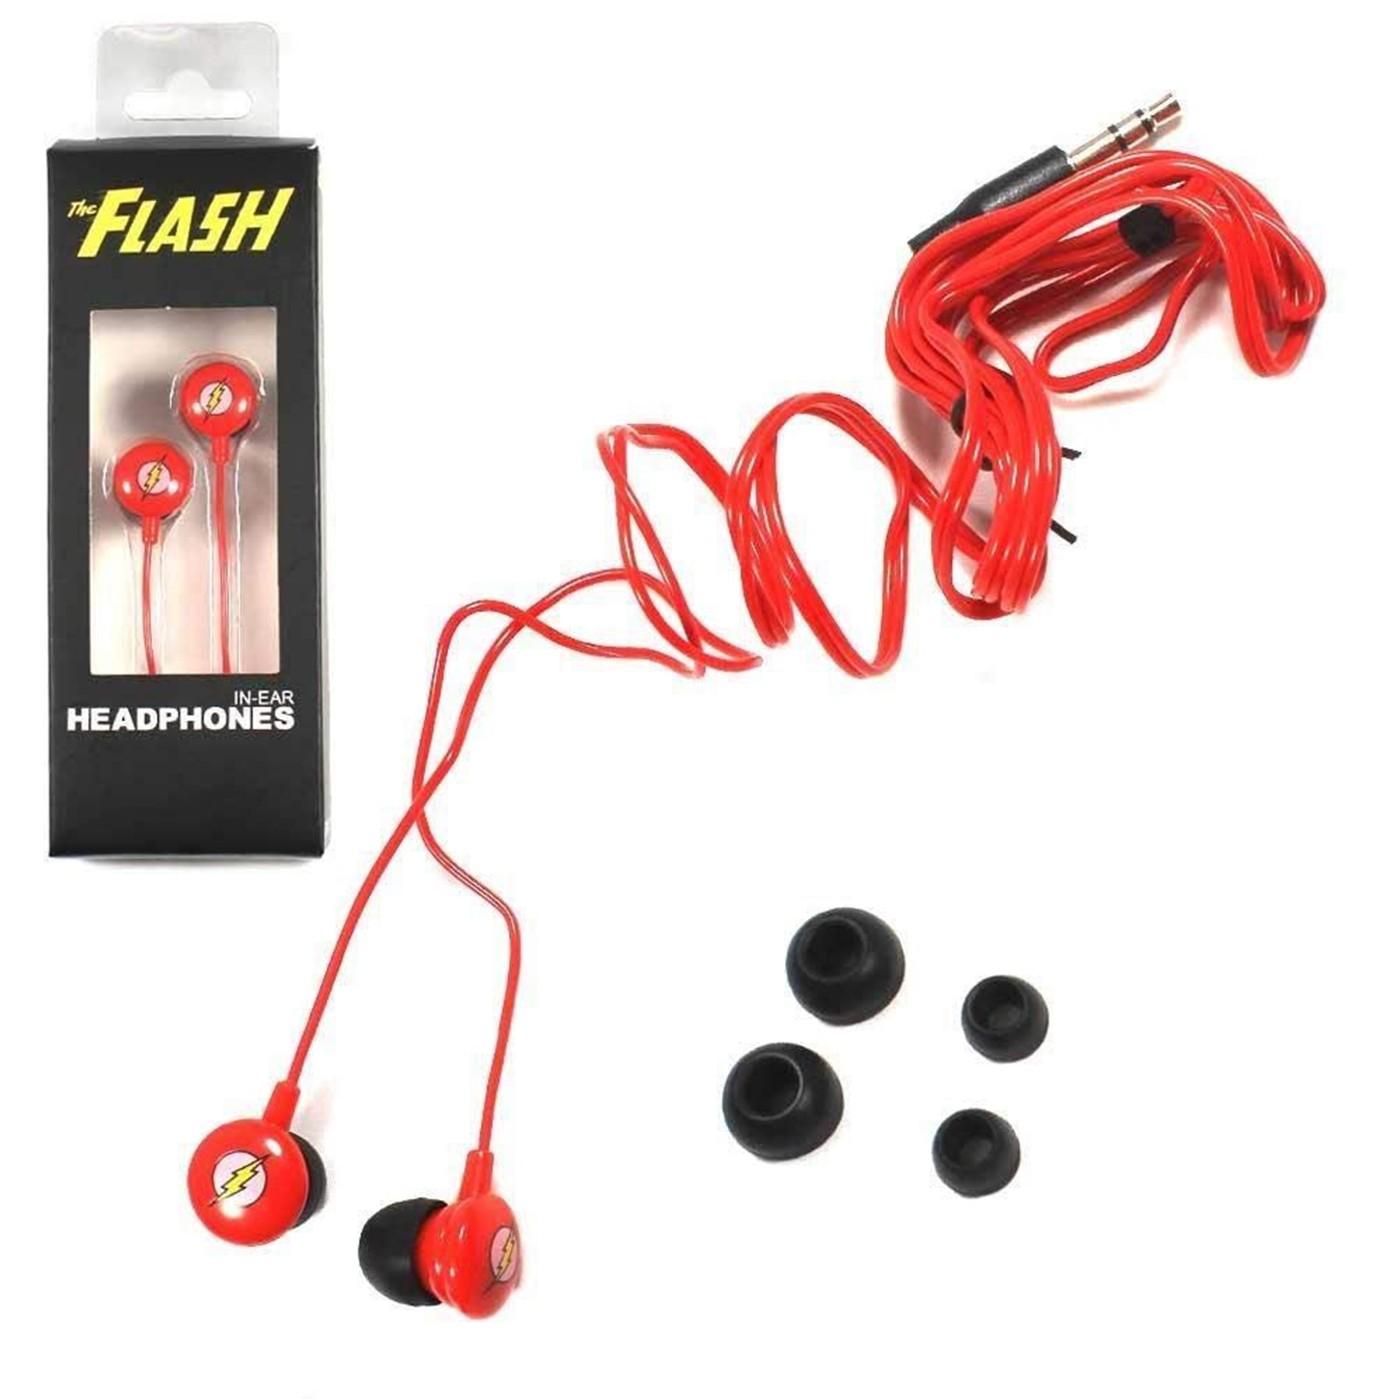 Flash In Ear Headphone Ear Buds